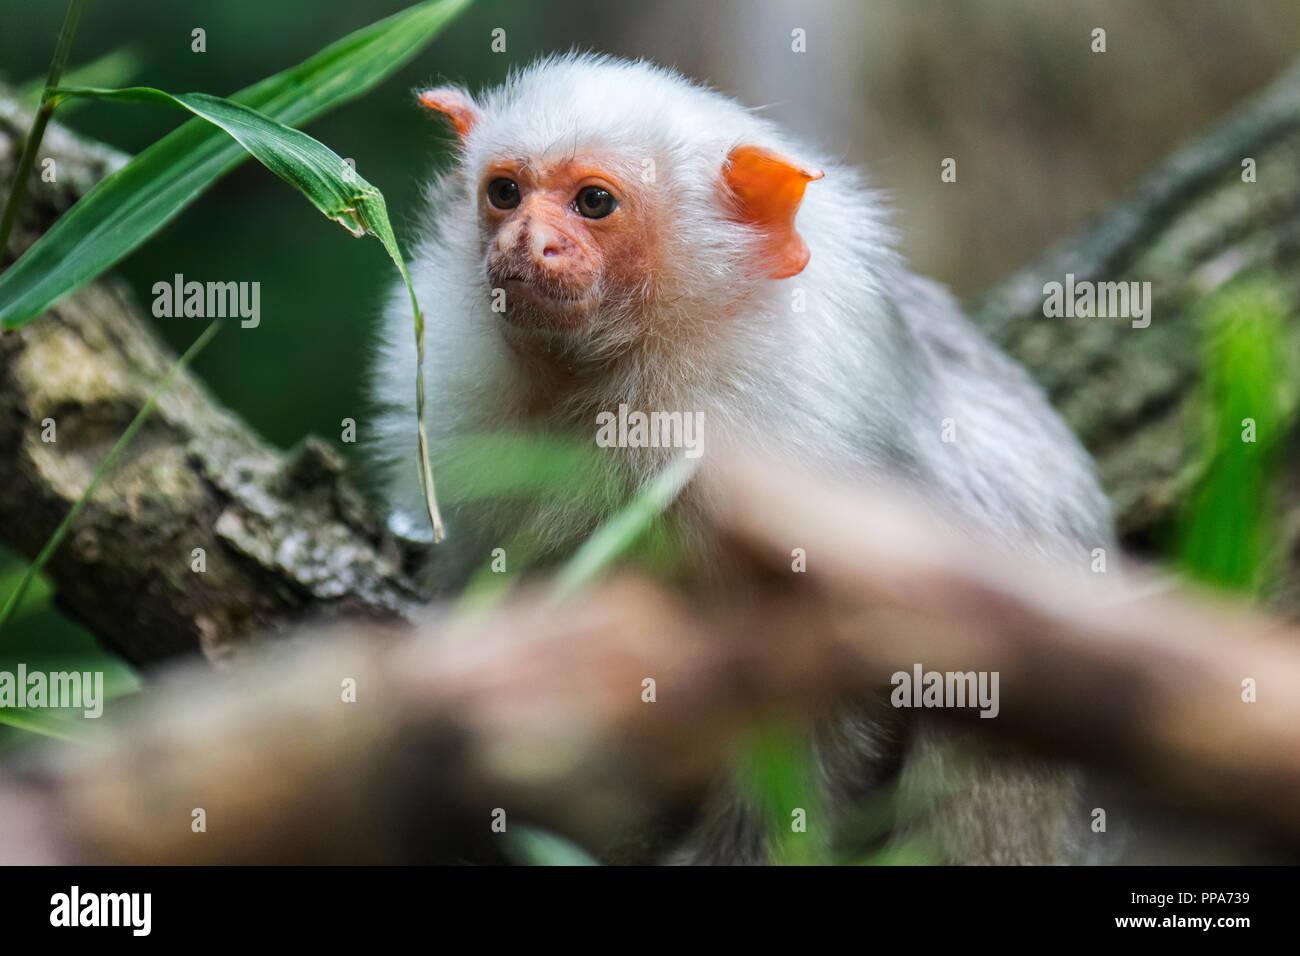 Silbrig Krallenaffen (Mico argentatus) im Baum, beheimatet im östlichen Regenwald des Amazonas in Brasilien Stockbild